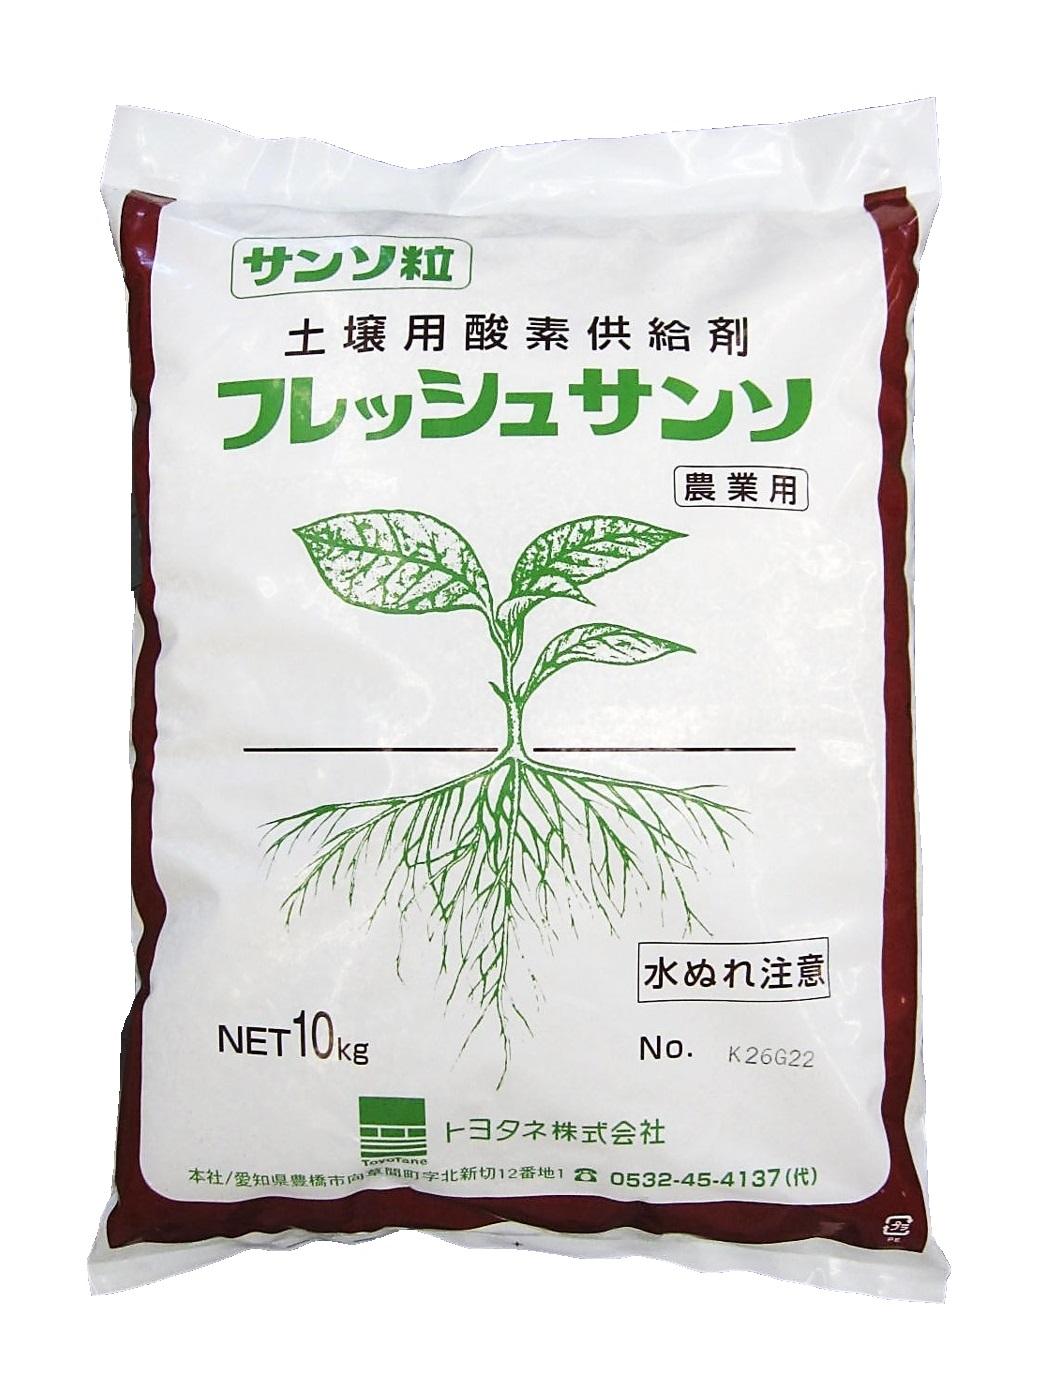 フレッシュサンソ粒剤・液剤《土壌改良材・液体肥料》